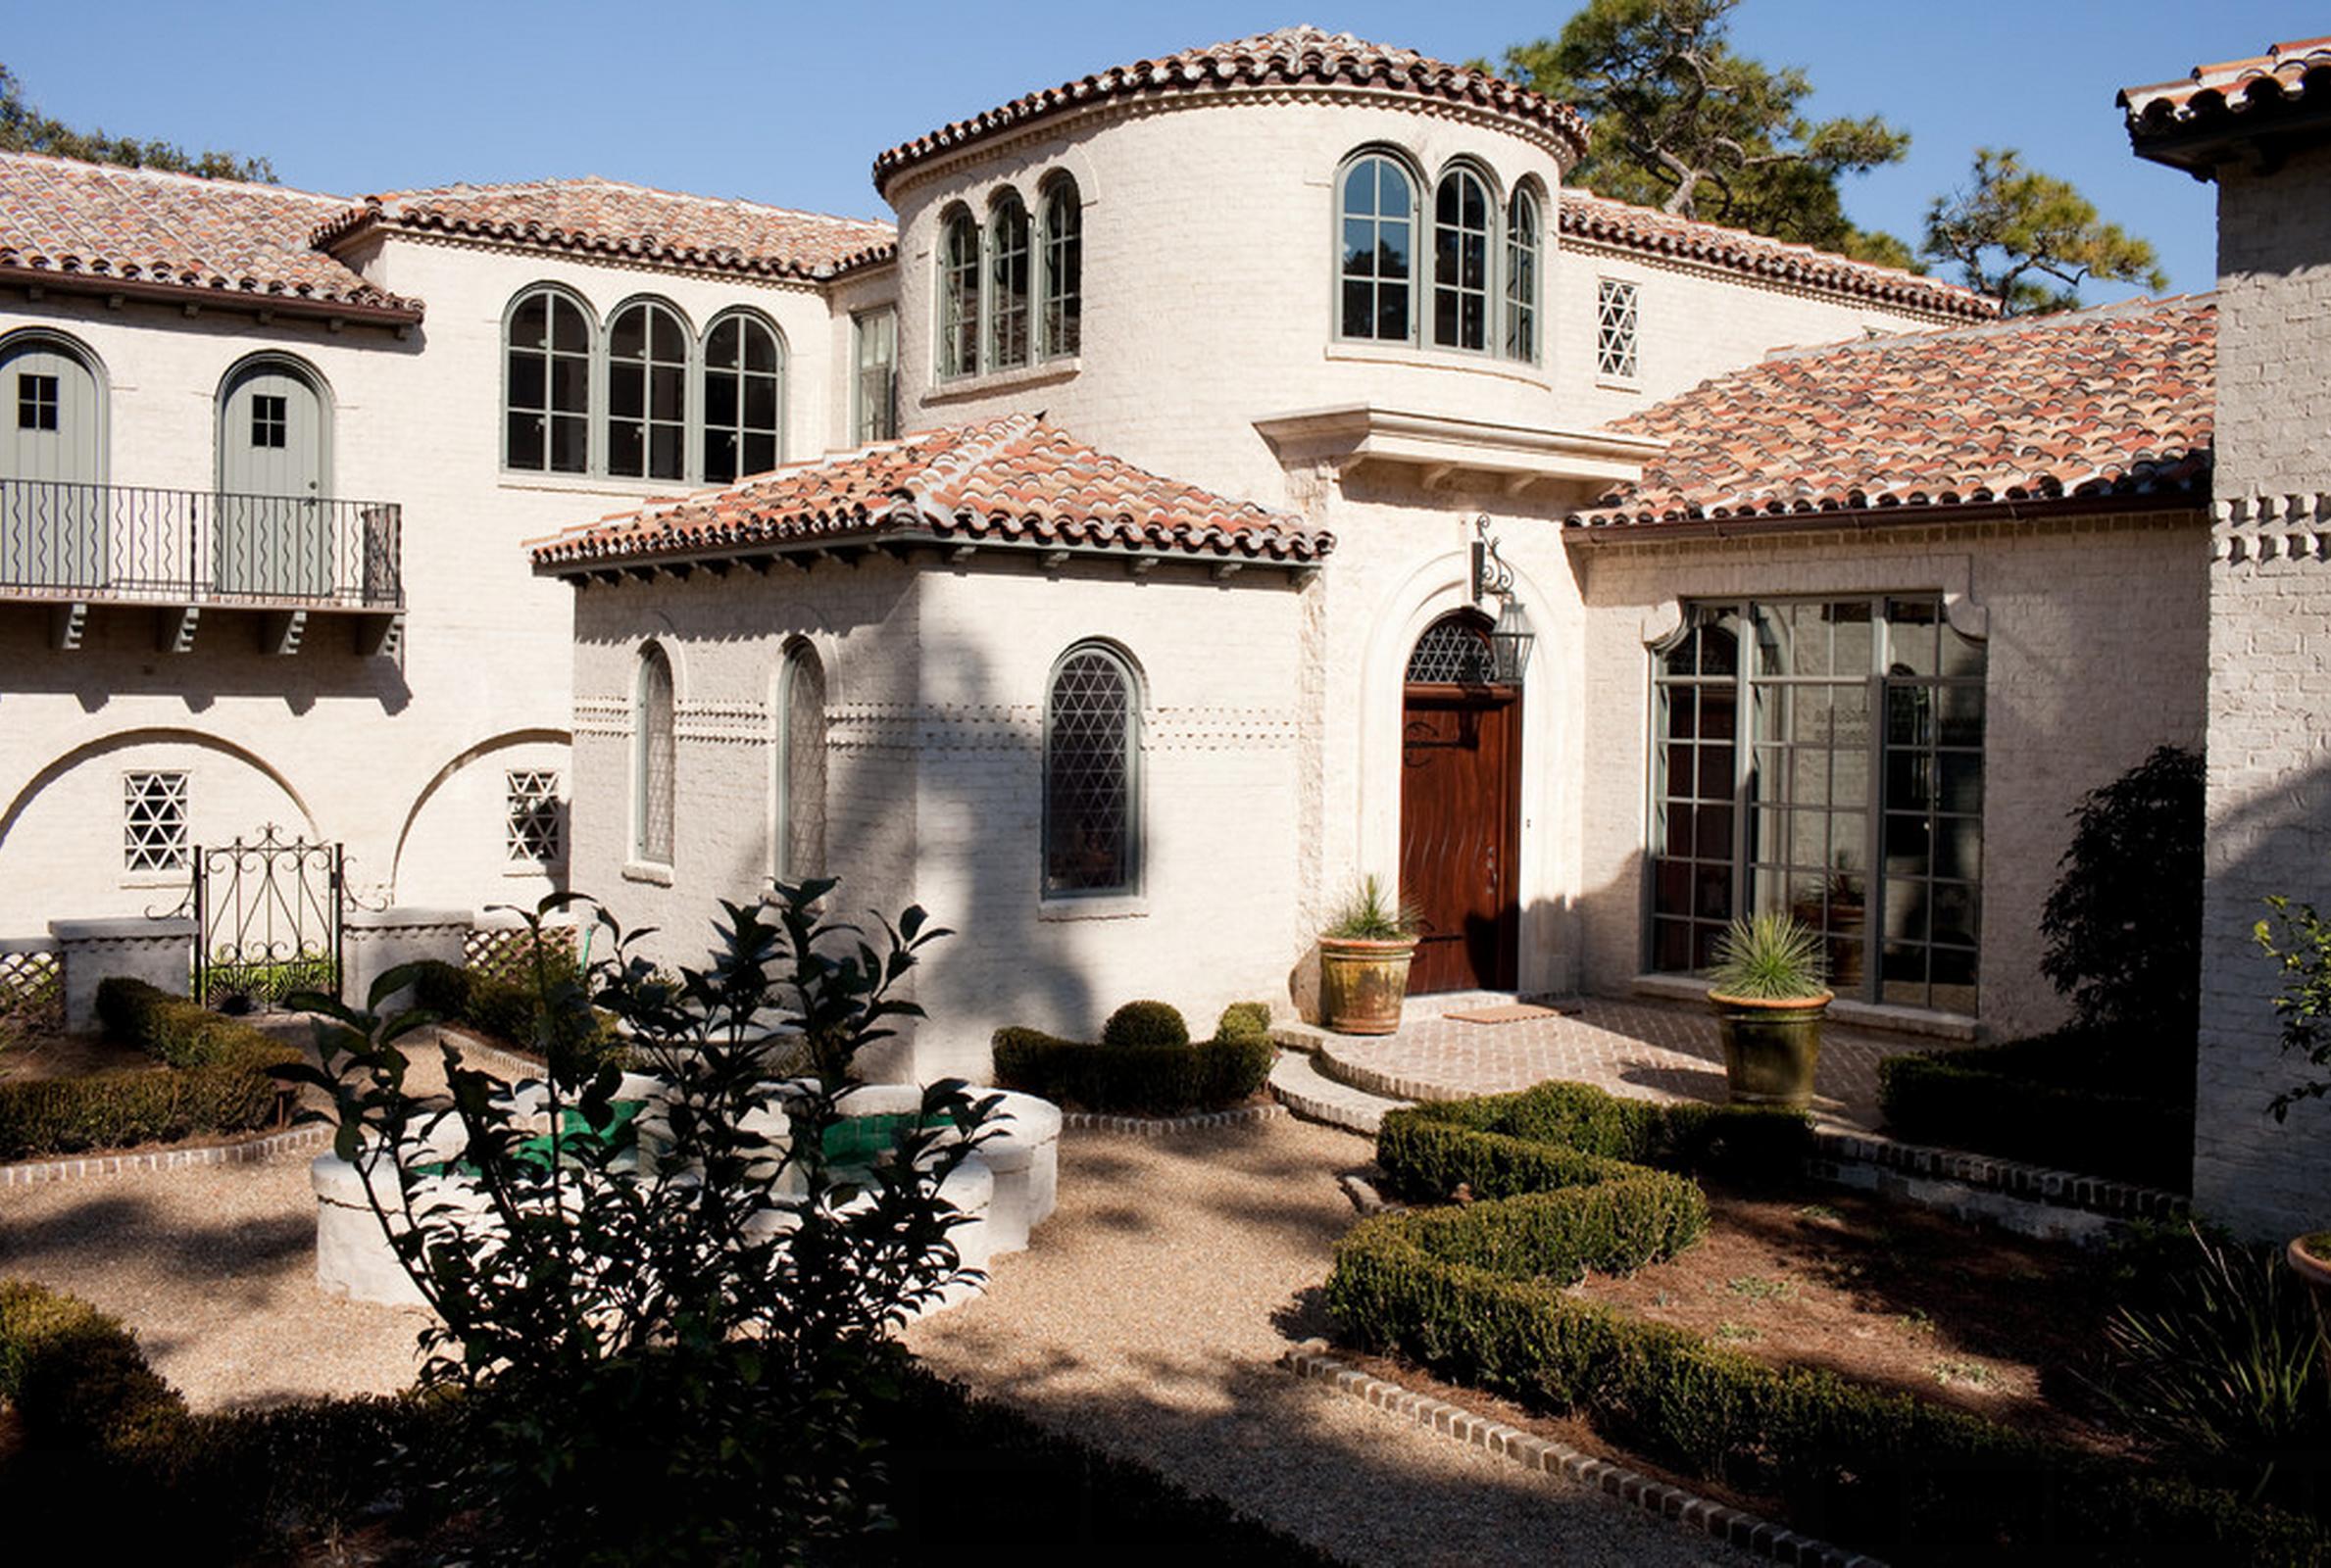 Best White Brick Exterior Mediterranean Style Terracotta Roof 640 x 480